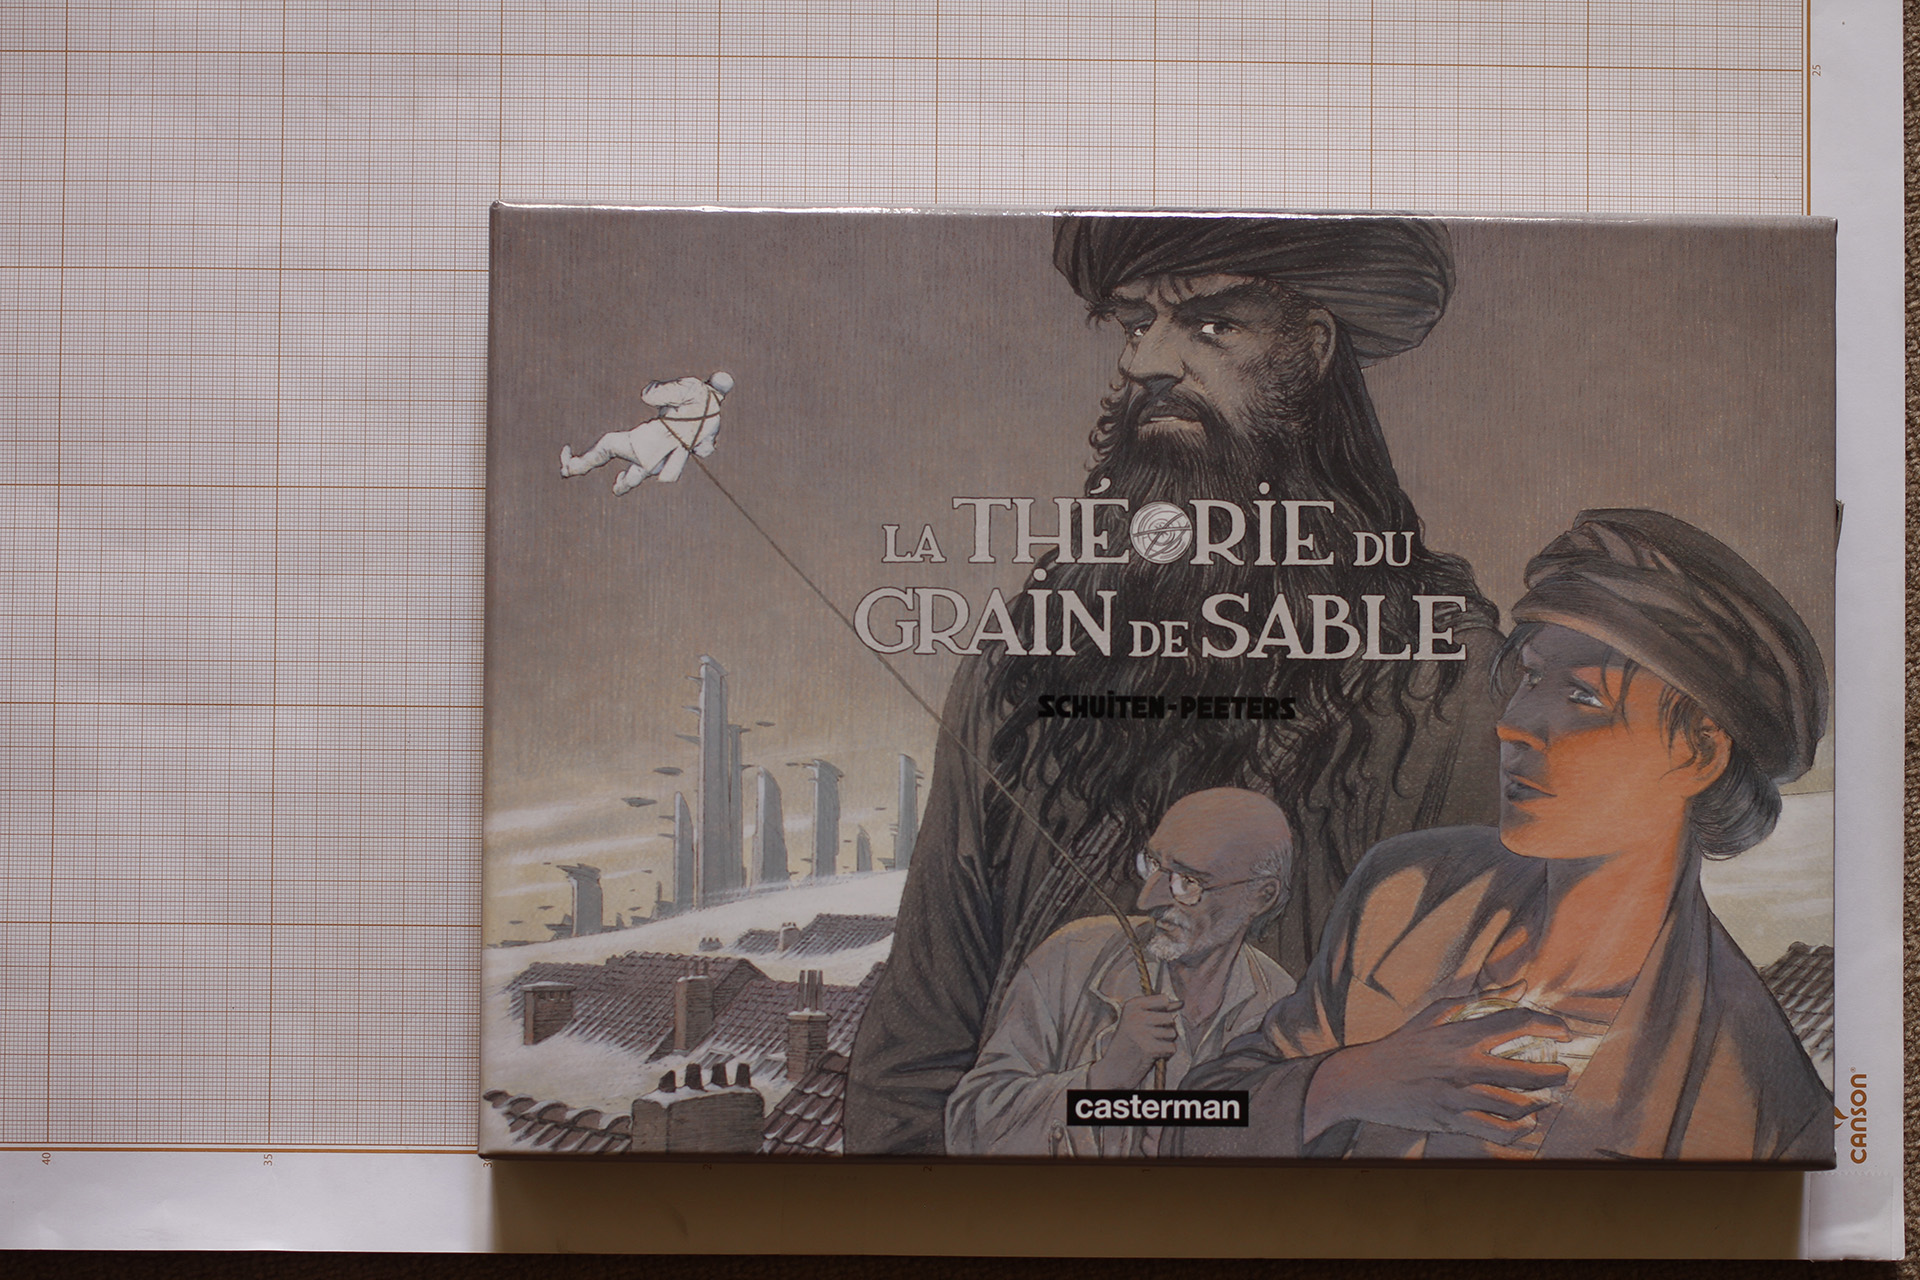 La Théorie du Grain de Sable© François Schuiten, 2008